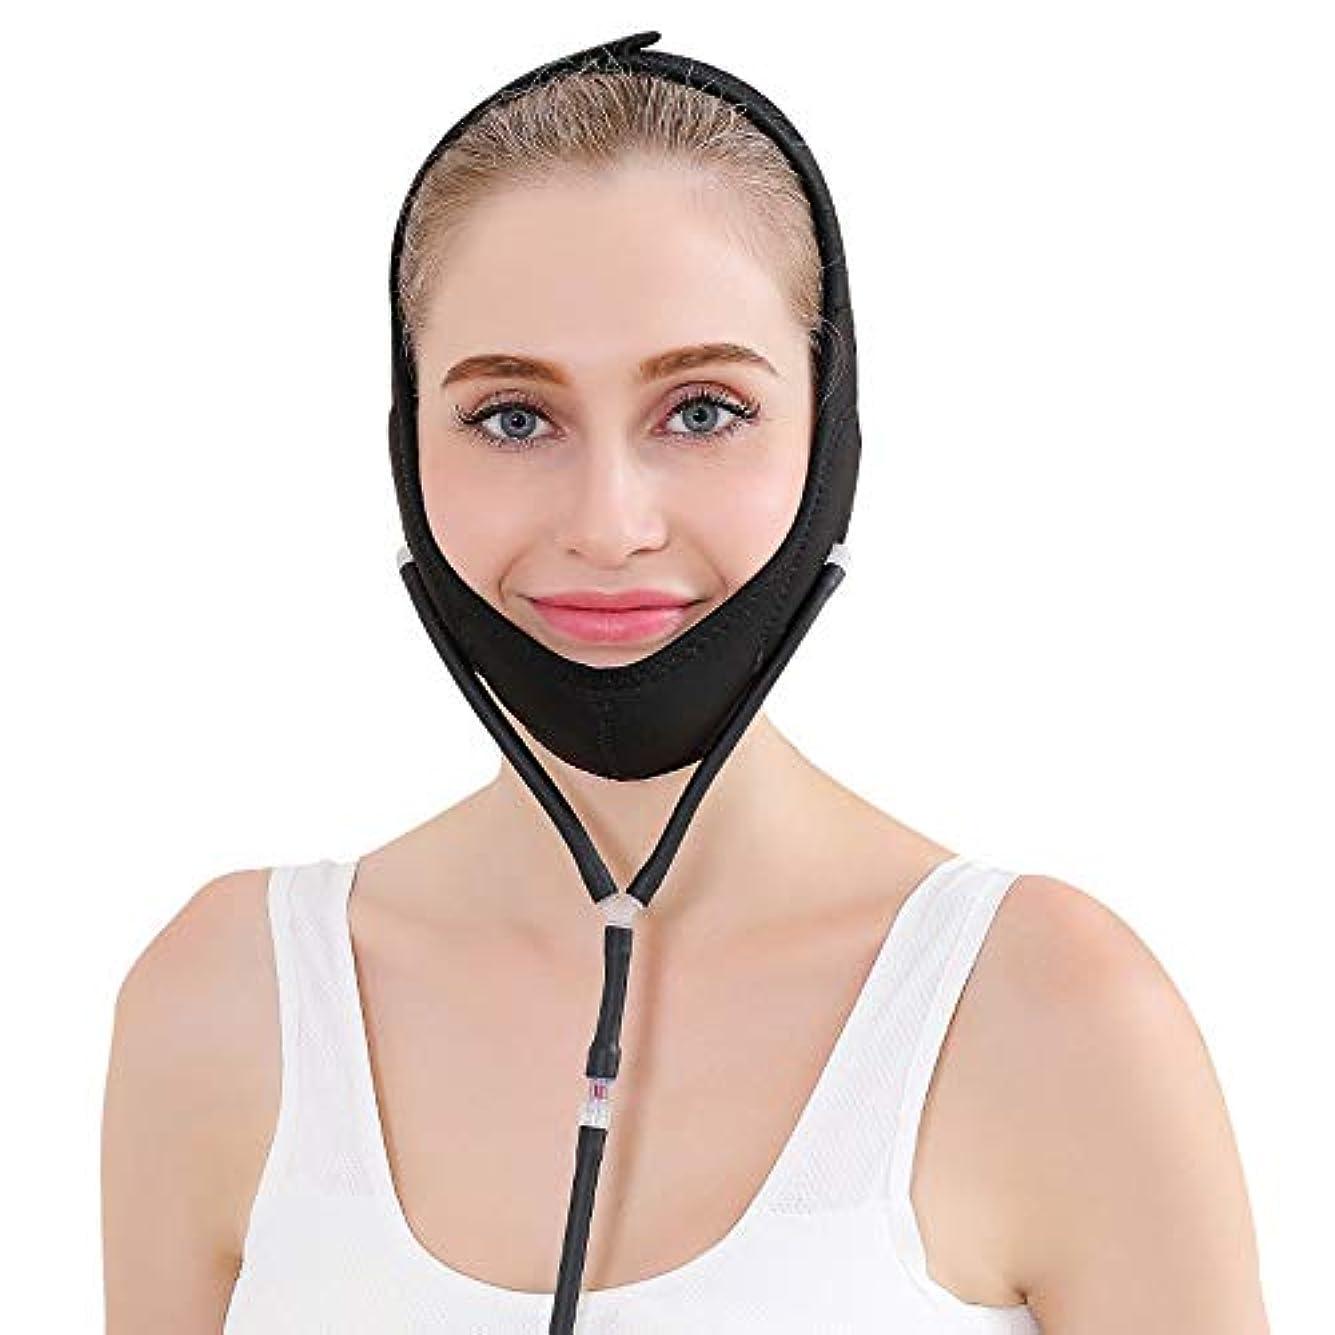 YOE(ヨイ) エアー 顔やせ マスク 小顔 ほうれい線 空気入れ エアーポンプ 顔のエクササイズ フェイスリフト レディース (フリーサイズ, ブラック)